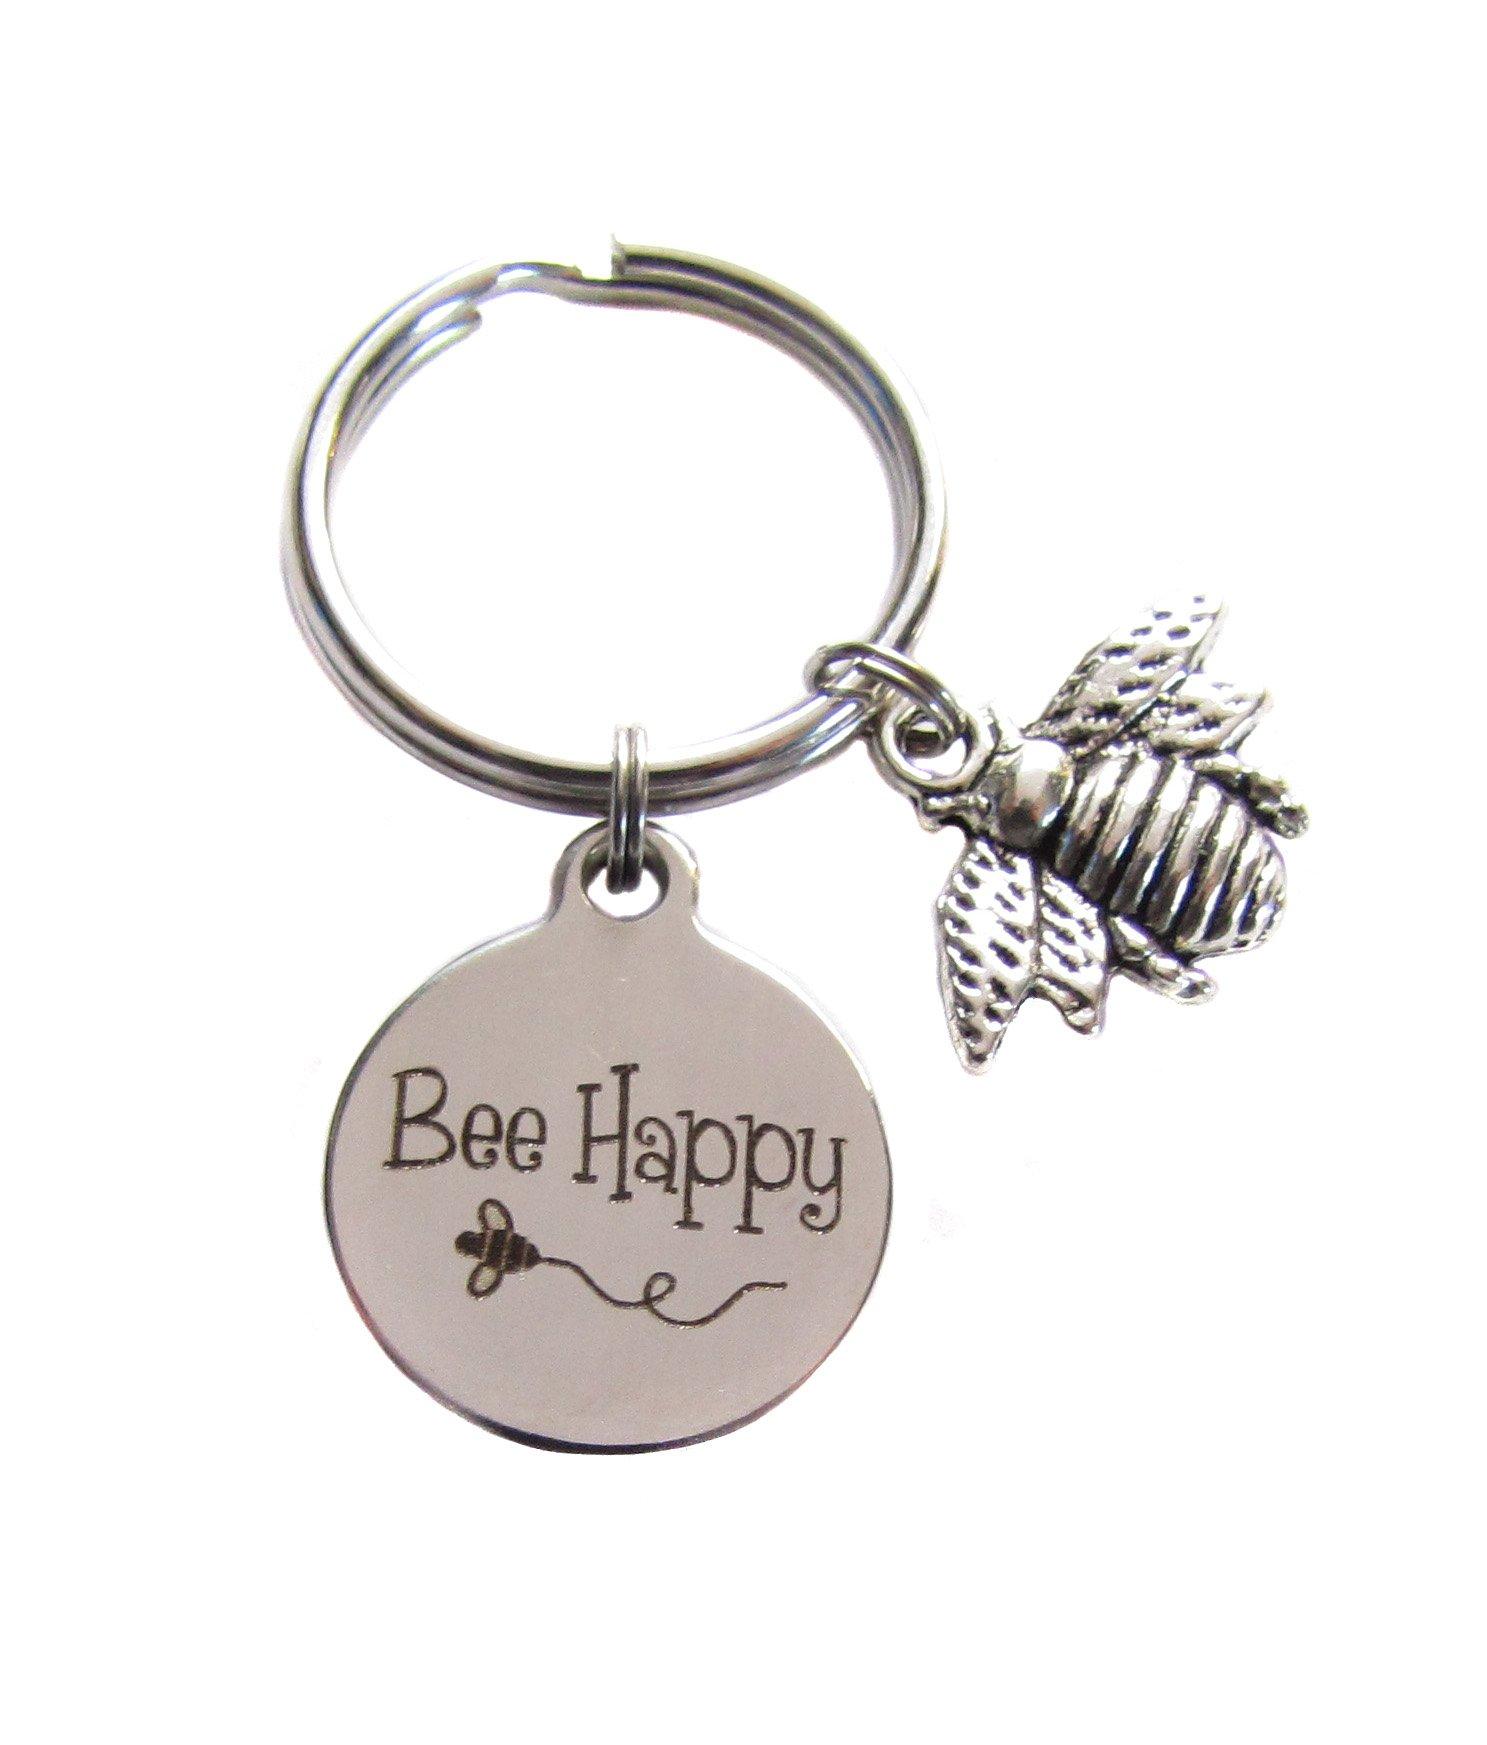 Bee Happy Honey Bee Queen Bee Bumblebee Bee Key Chain Bag Charm